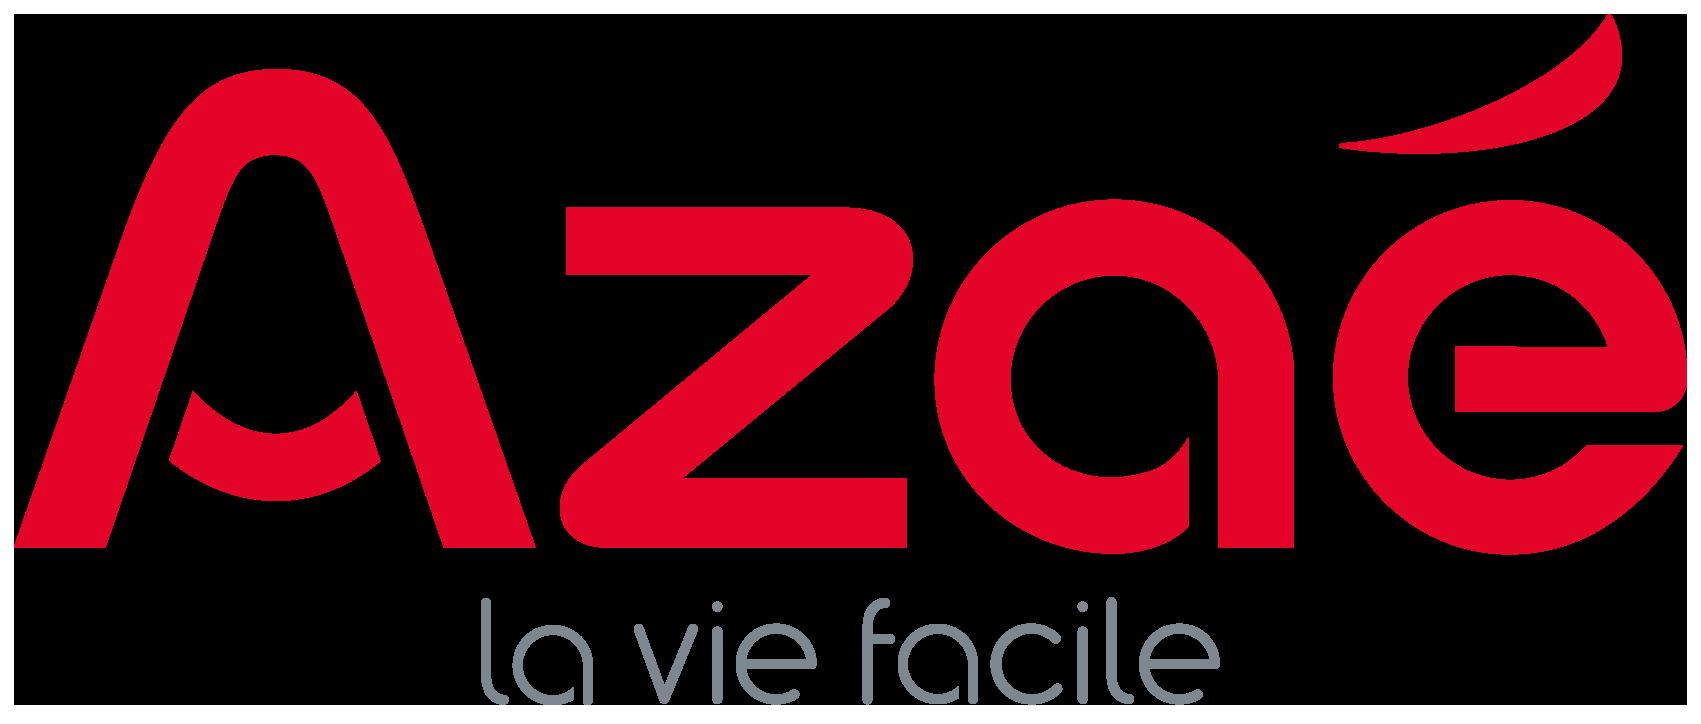 Azaé Hainaut - Aide à domicile et femme de ménage services, aide à domicile